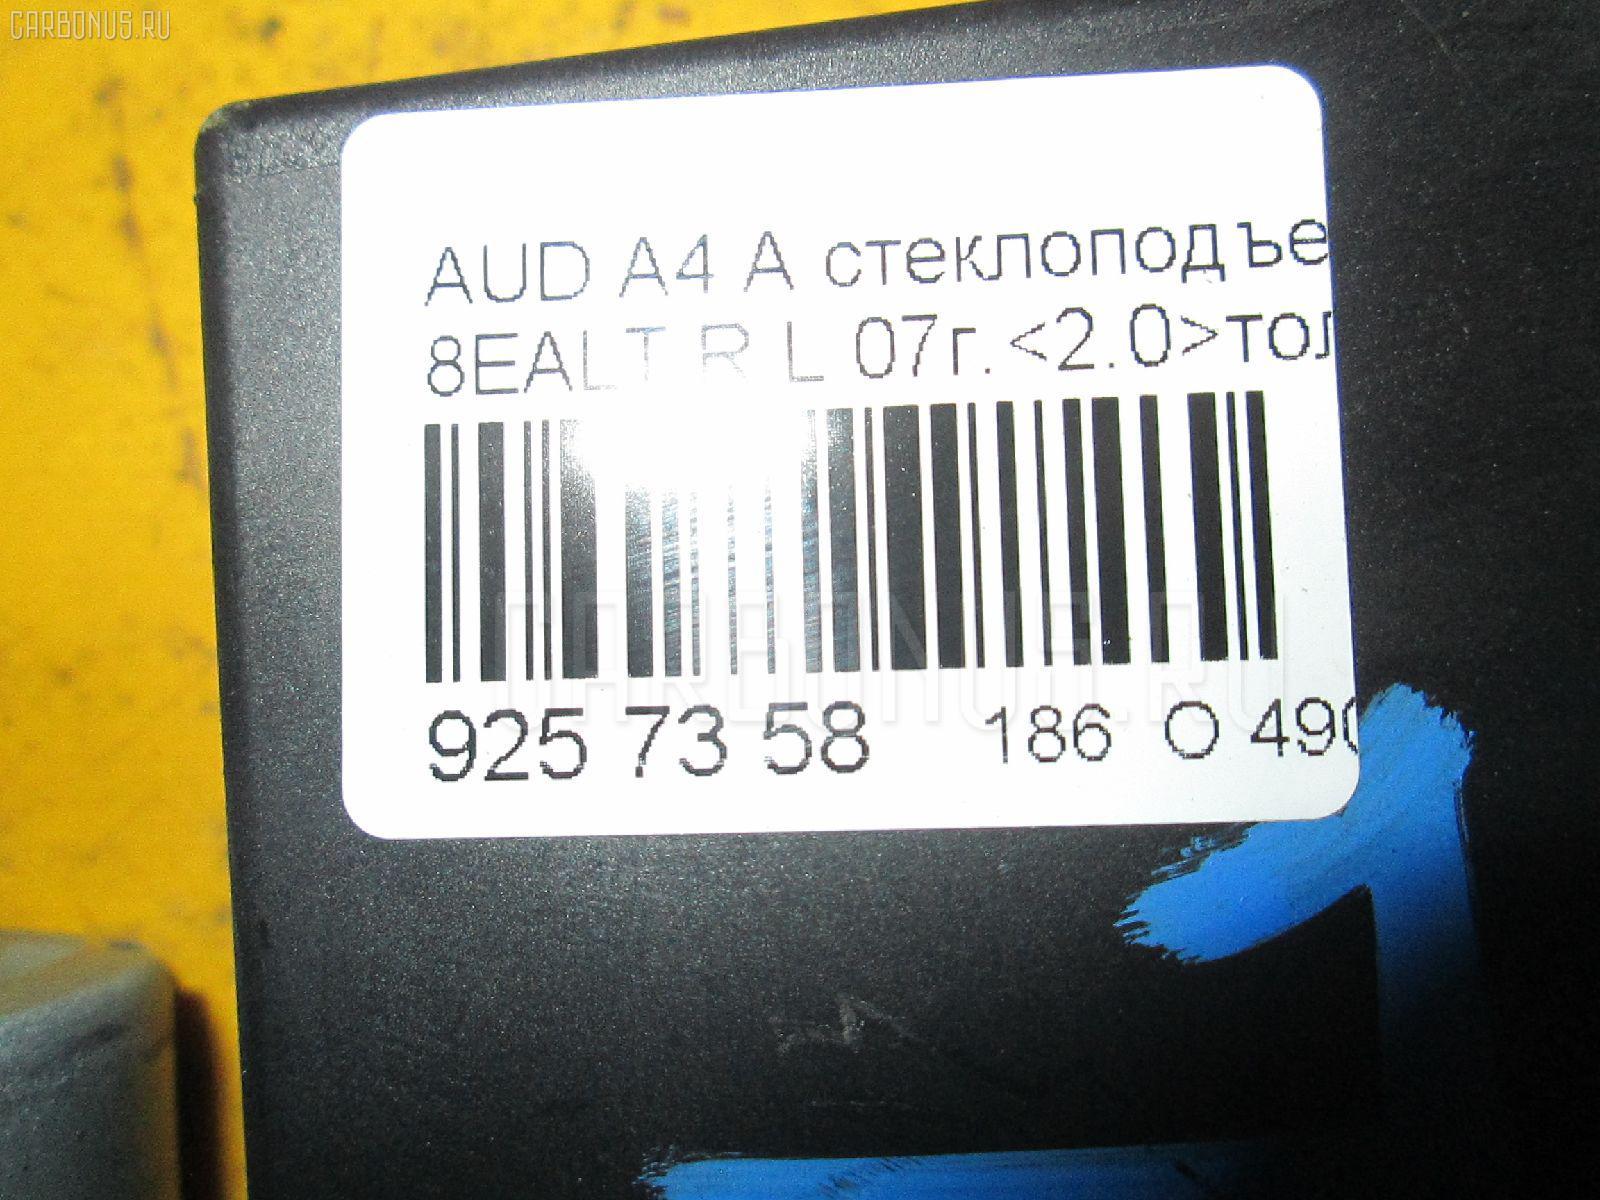 Стеклоподъемный механизм AUDI A4 AVANT 8EALT Фото 4